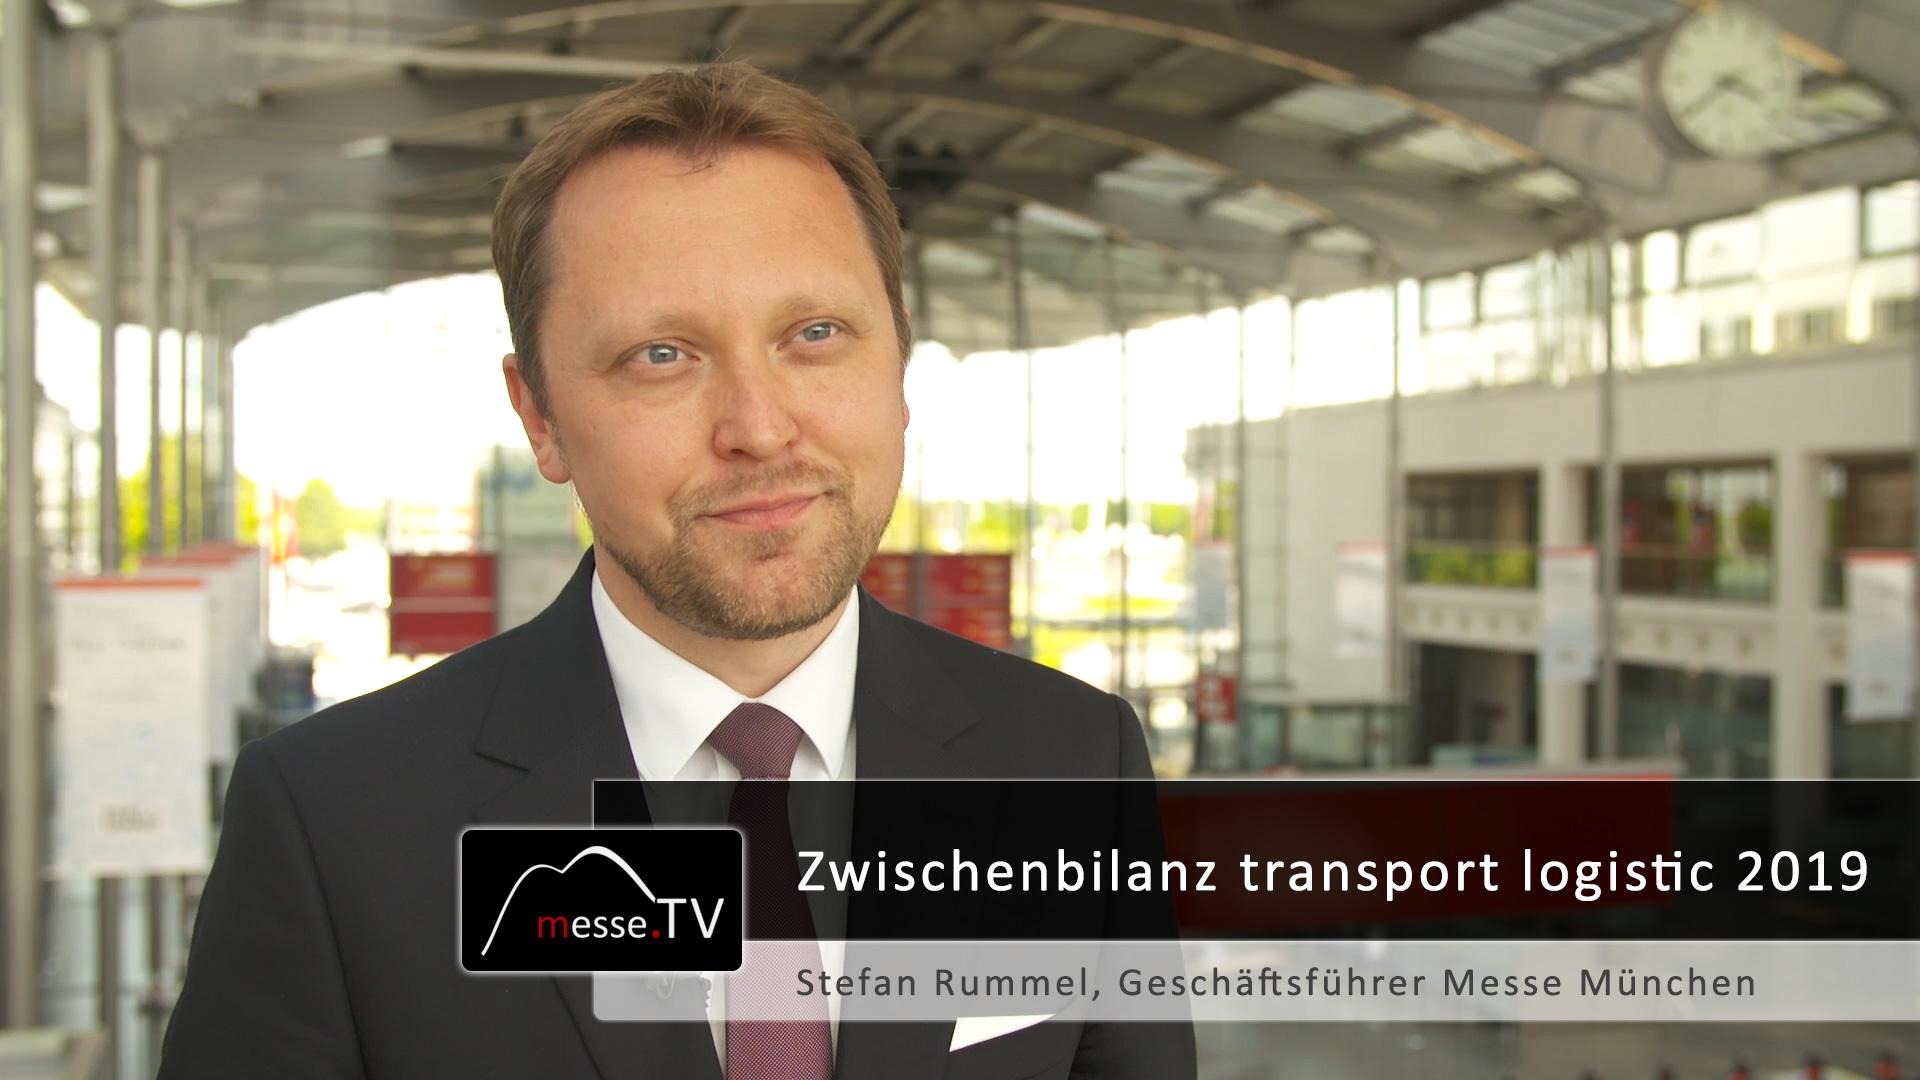 Zwischenbilanz - transport logistic 2019